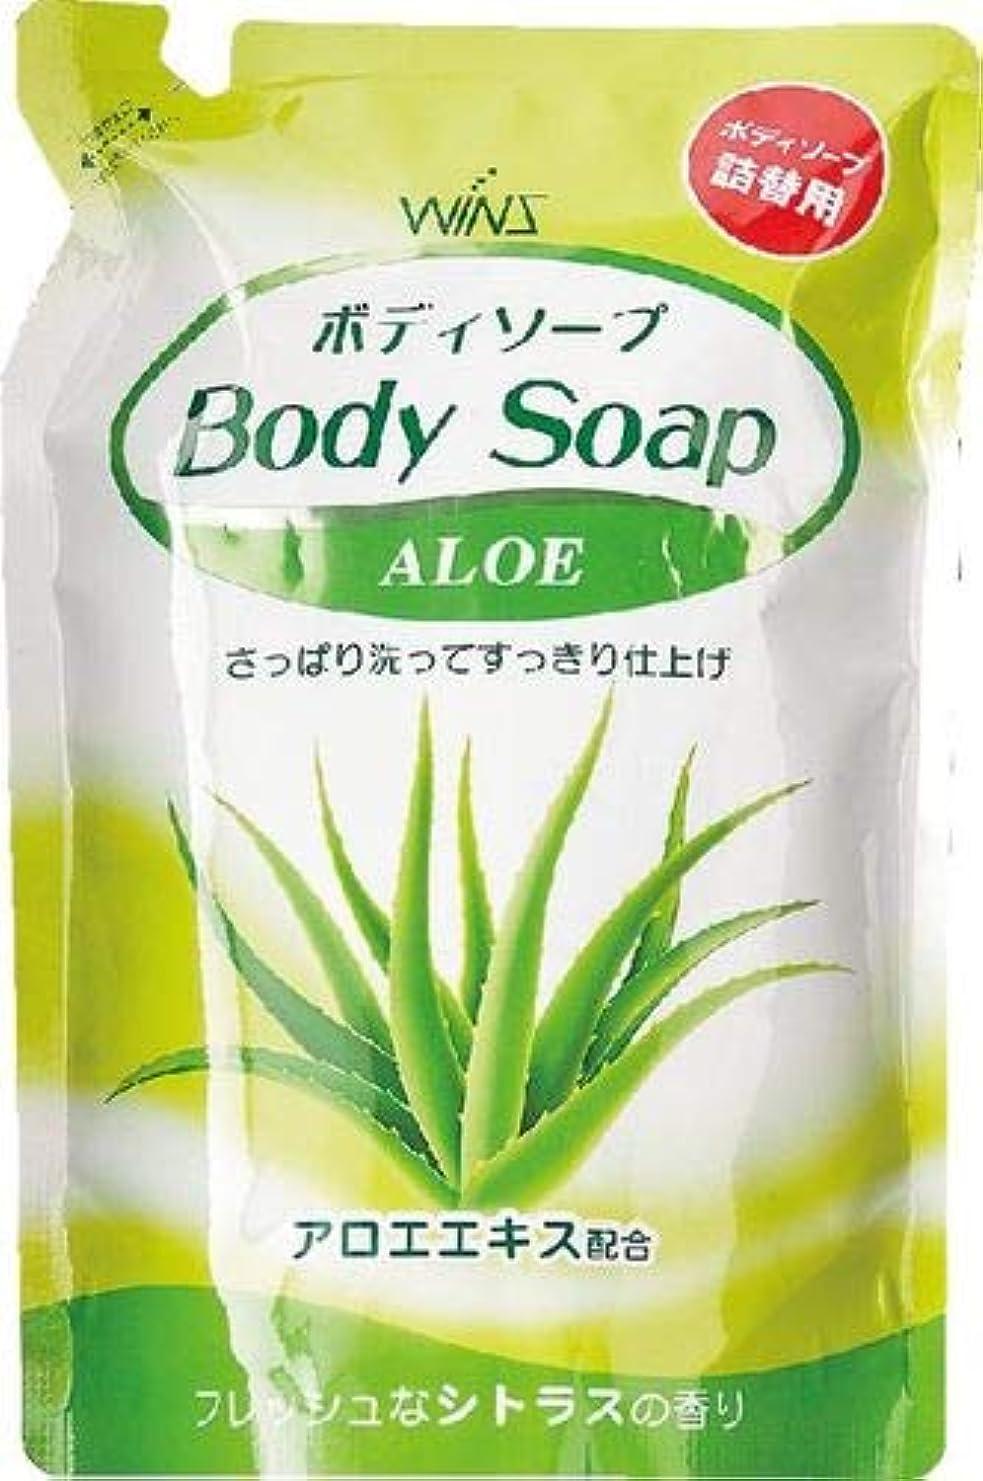 海賊質素な到着日本合成洗剤 ウインズボディソープアロエ詰替 400ml まとめ買い(×20)